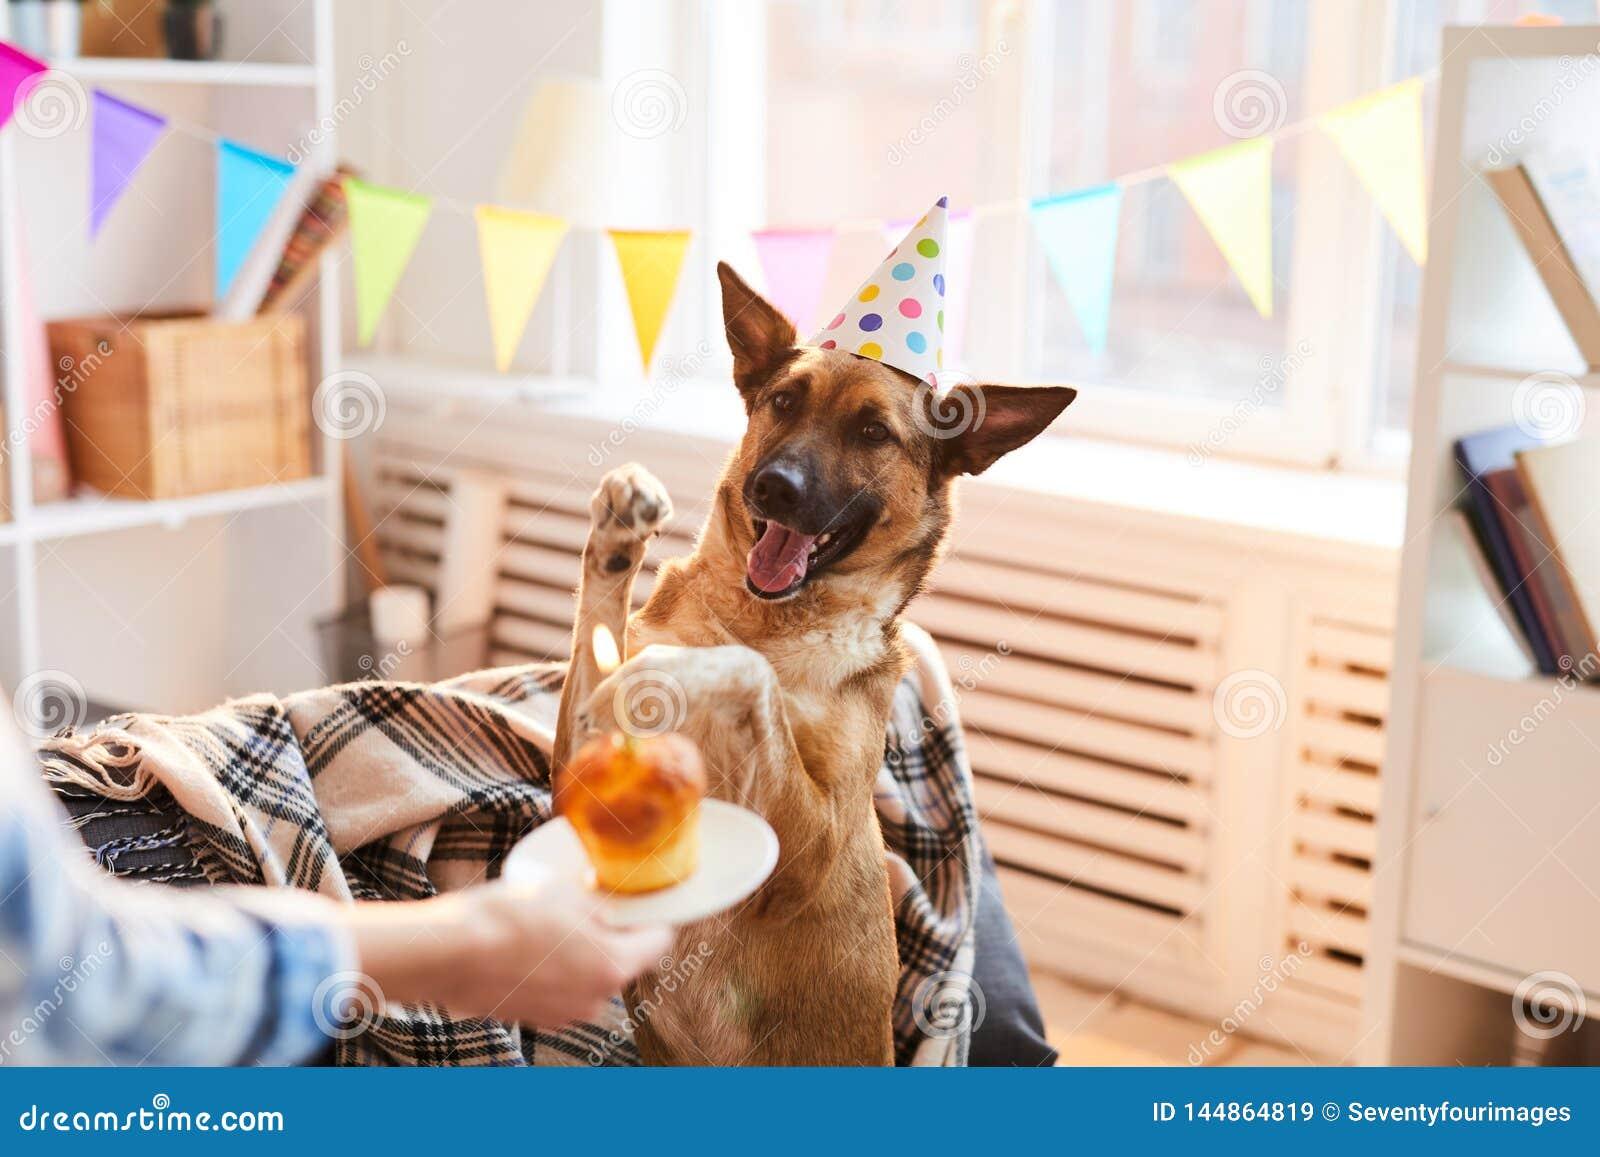 Geburtstagskuchen f?r Hund